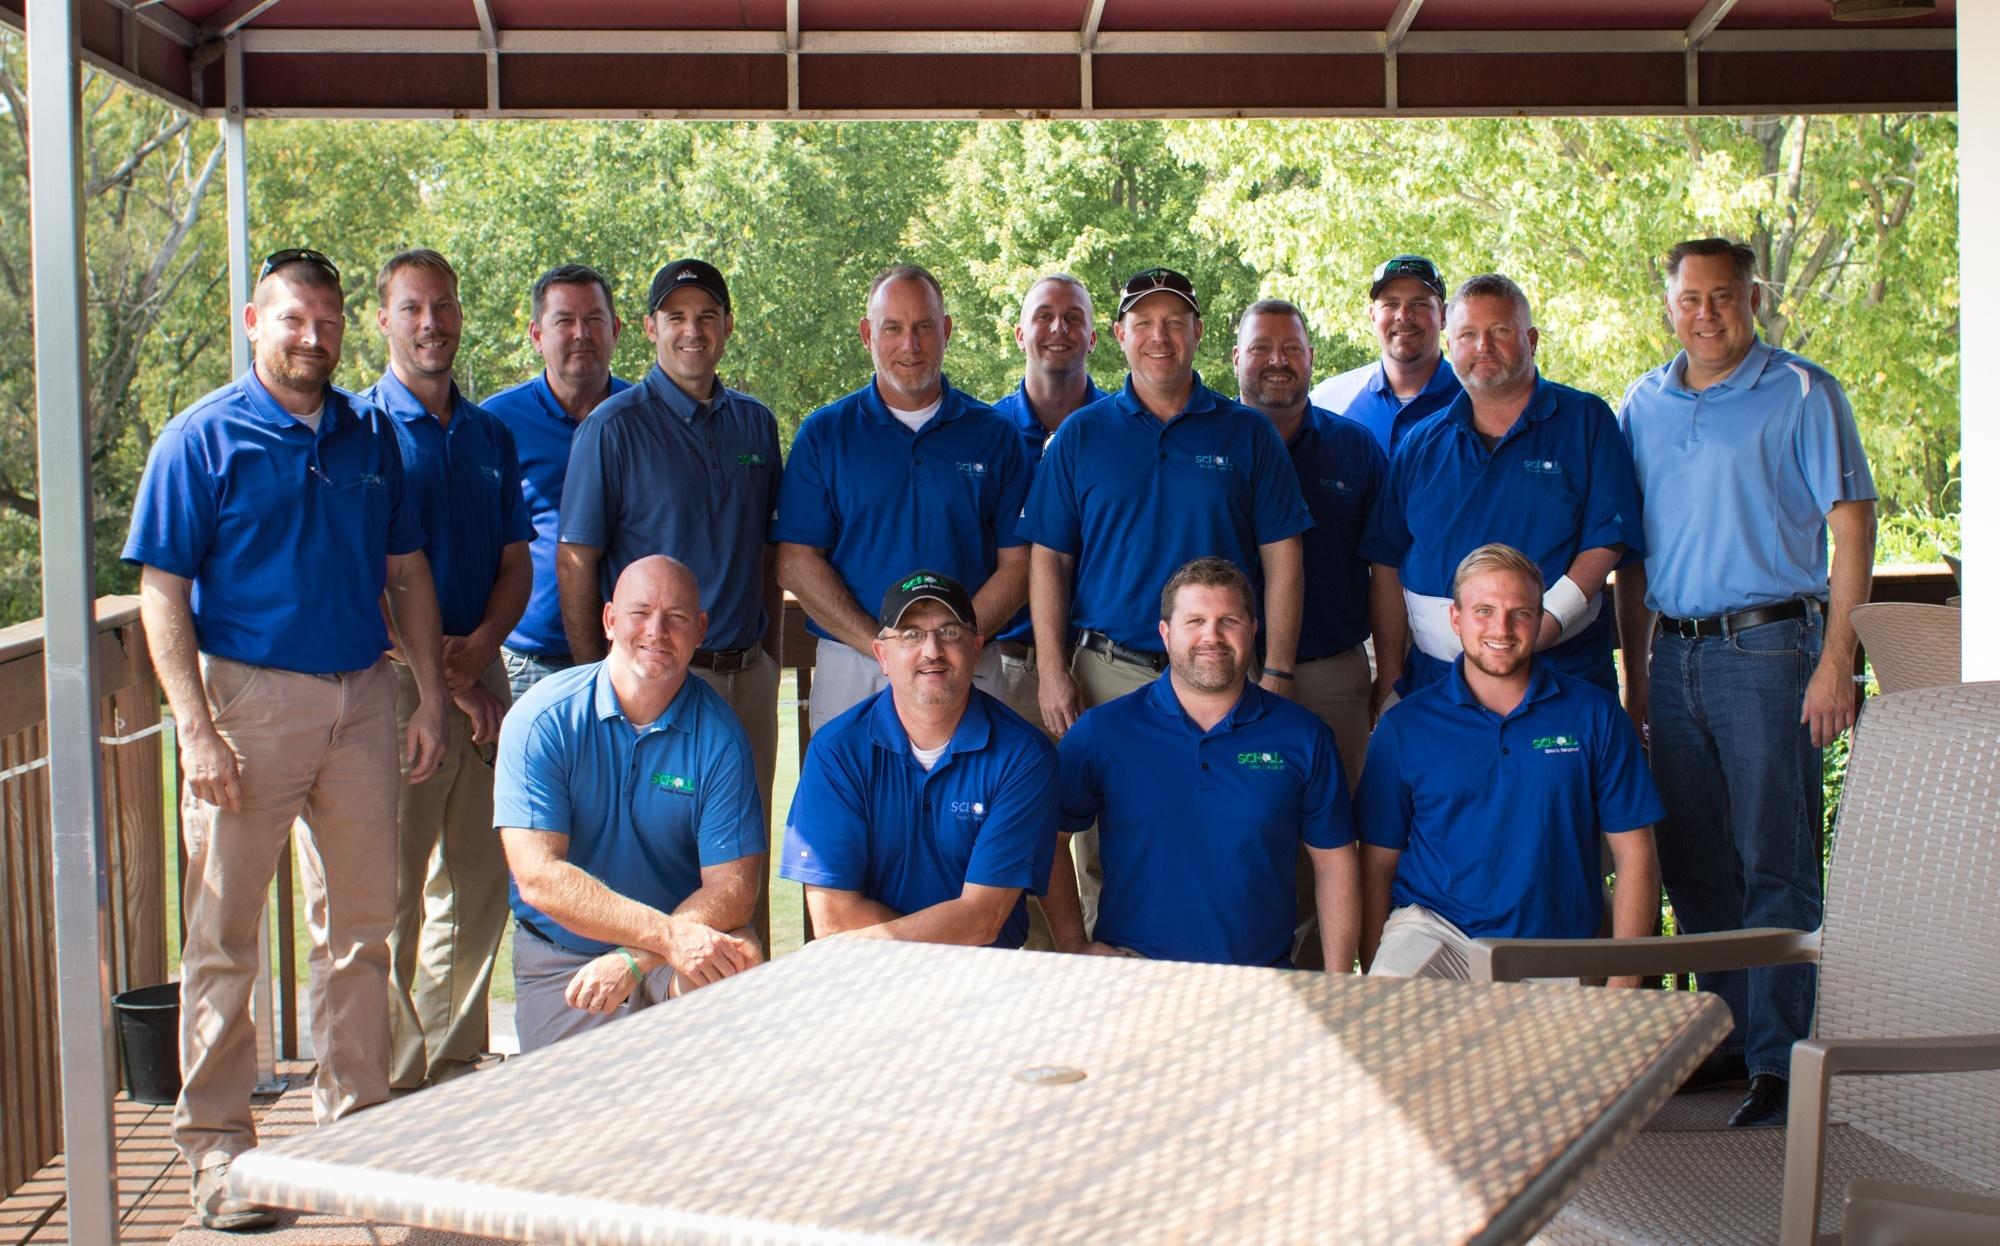 Schill staff